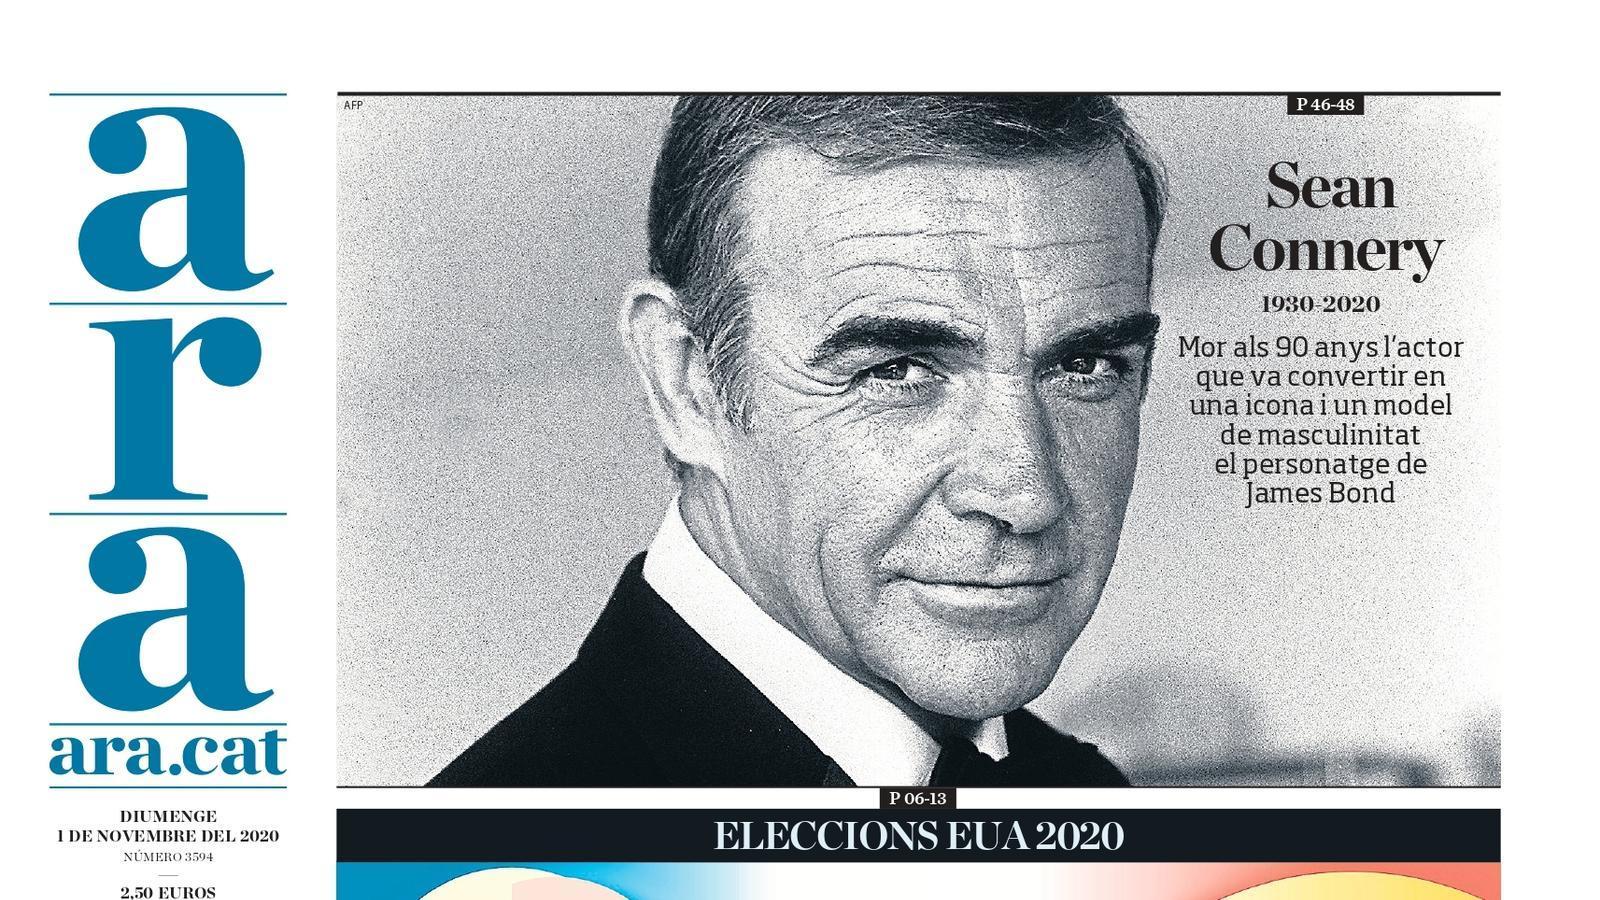 La portada de l'ARA de l'1 d'octubre de 2020